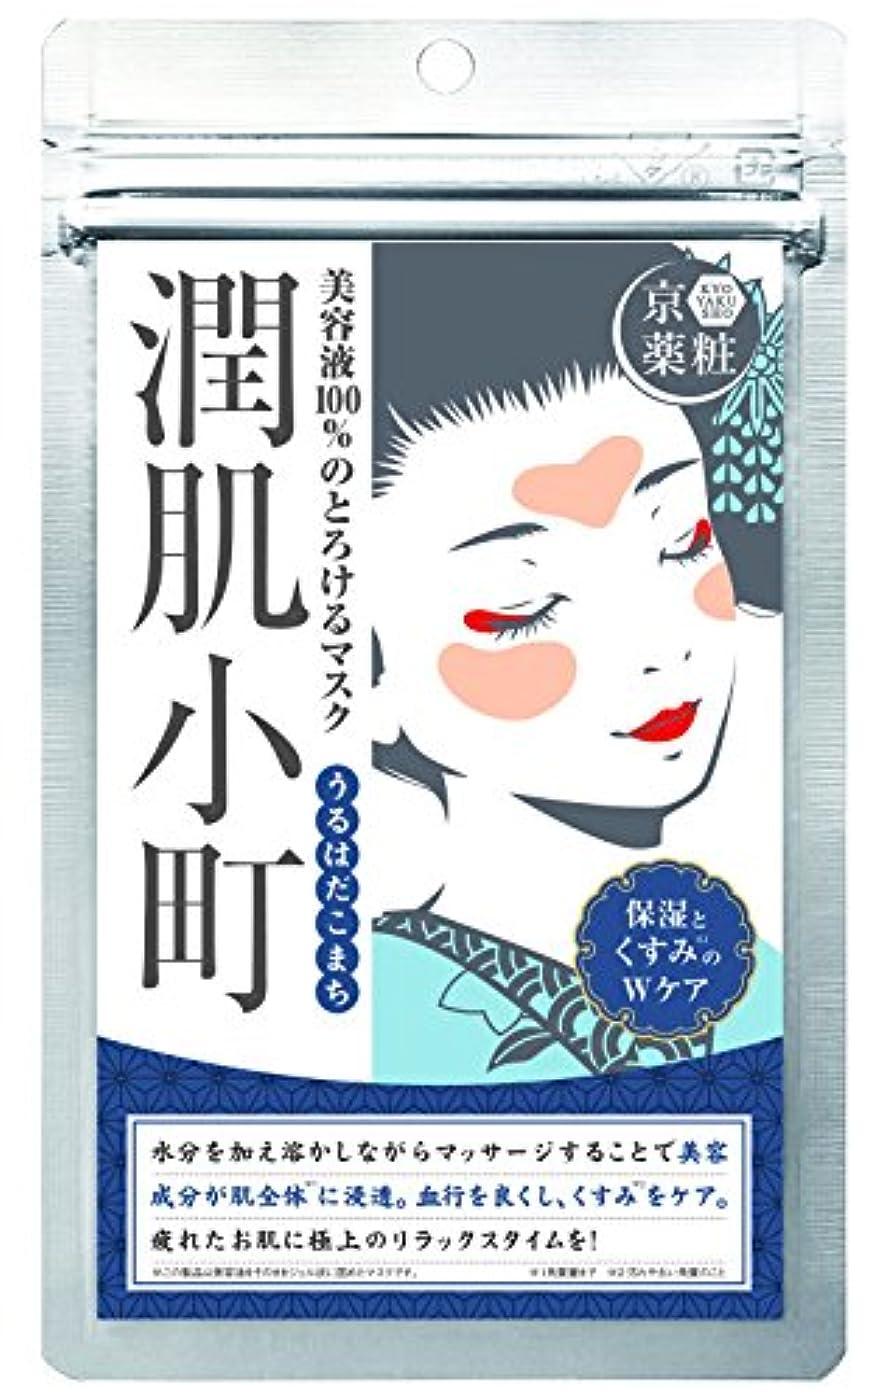 確認してください雪のタフ京薬粧 潤肌小町